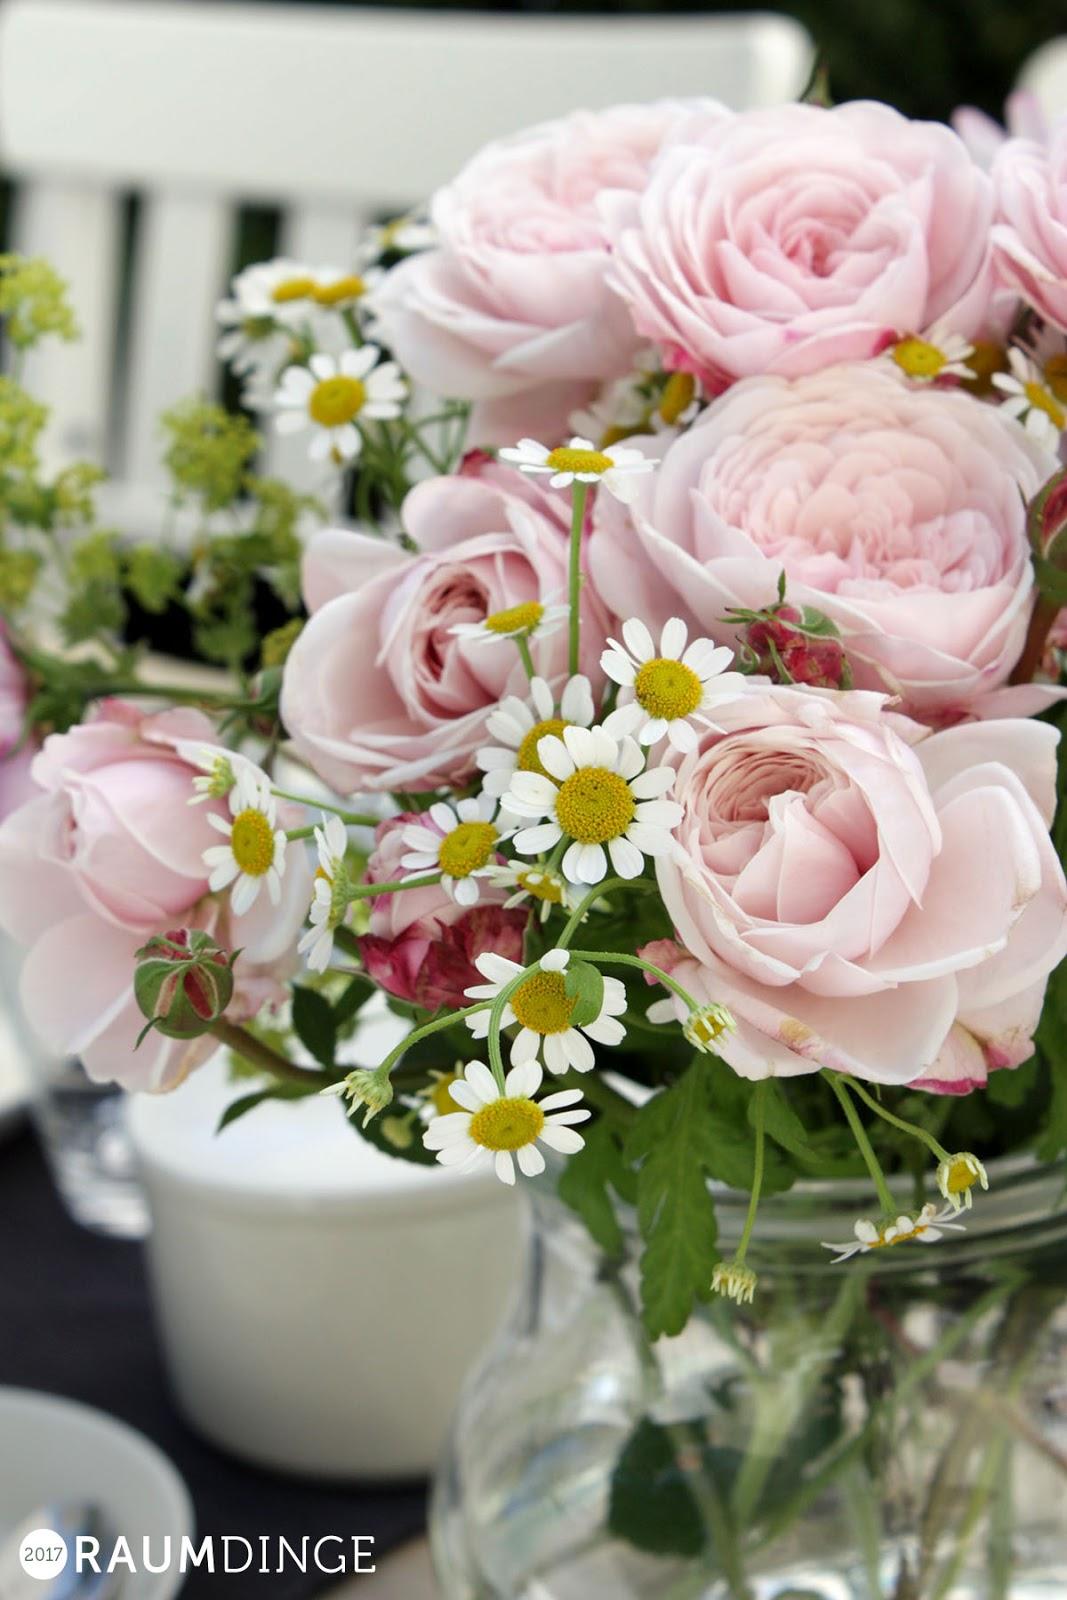 Blumenstrauß mit historischen Rosen